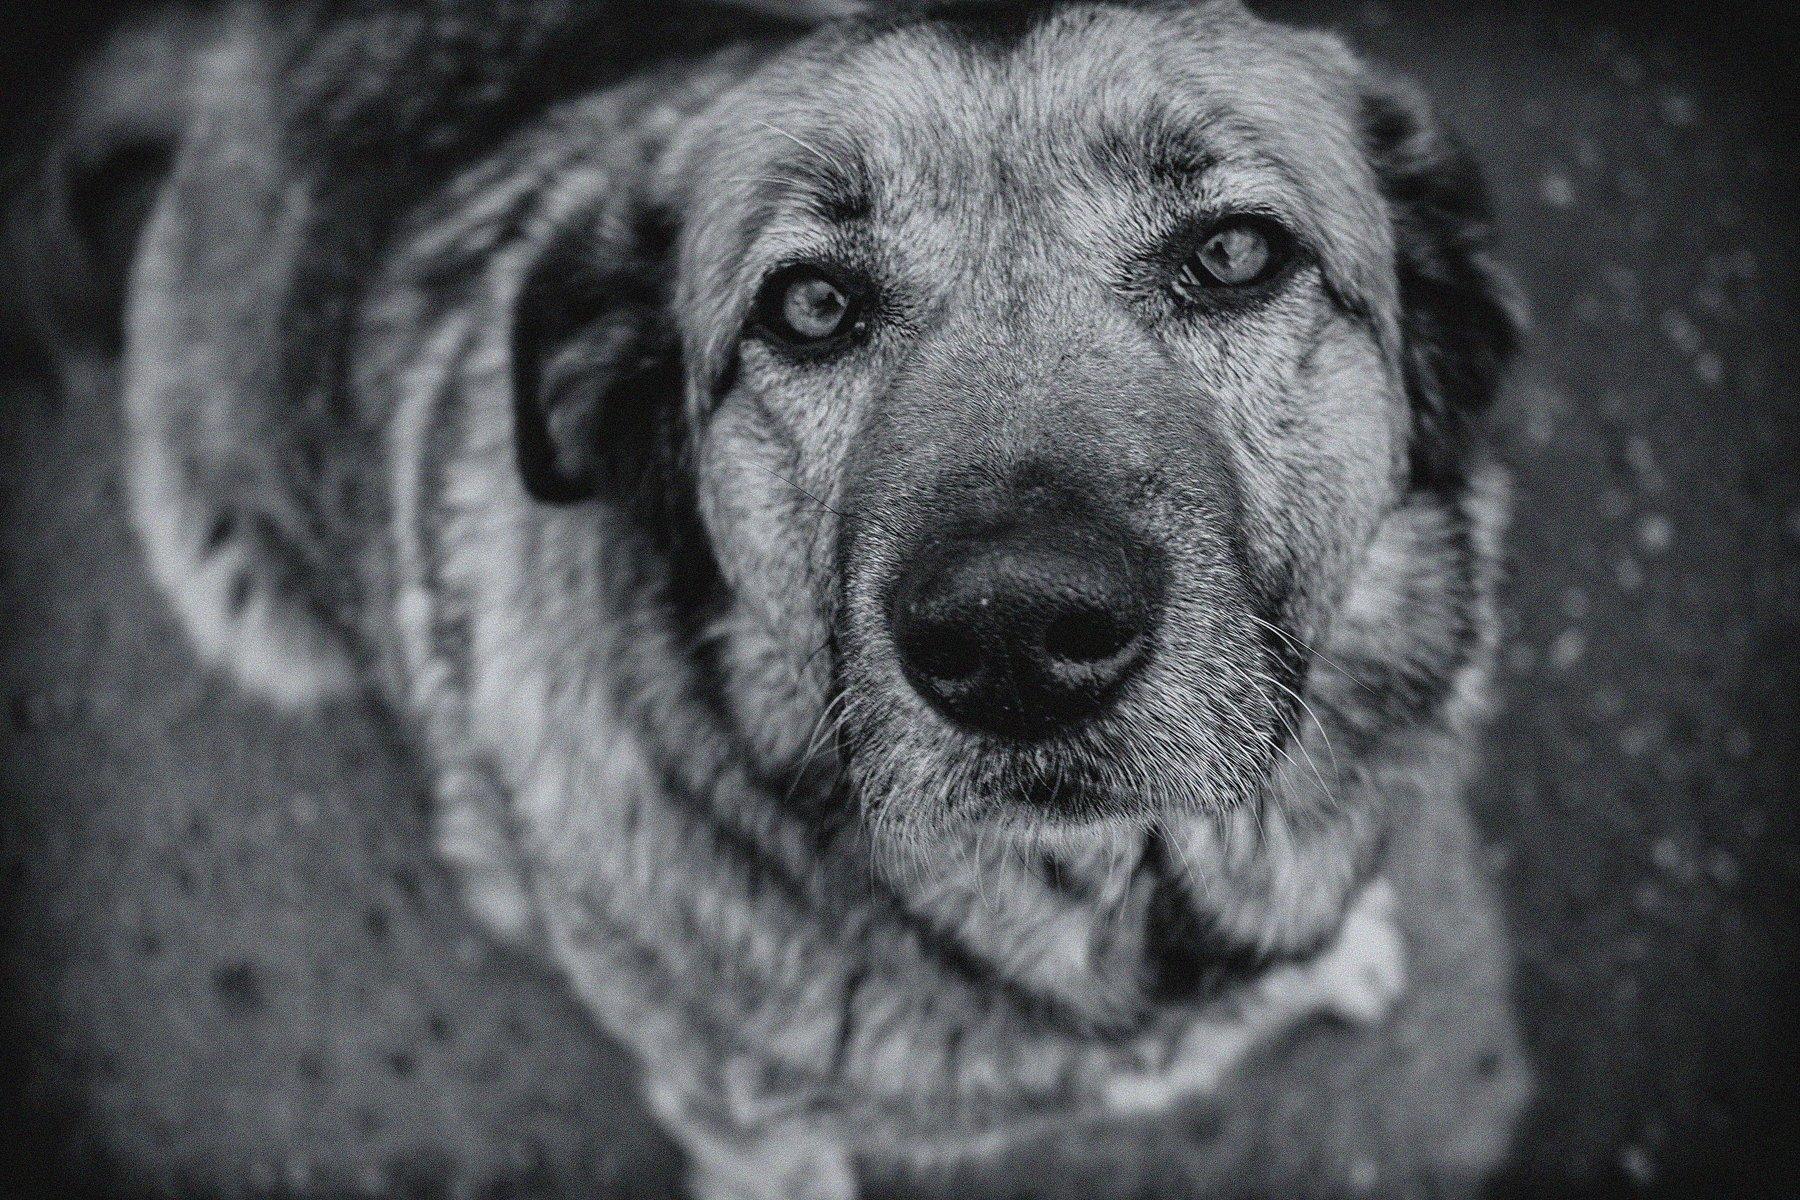 бродяга, взгляд, глаза, животное, пёс, собака, Vladimir Kedrov